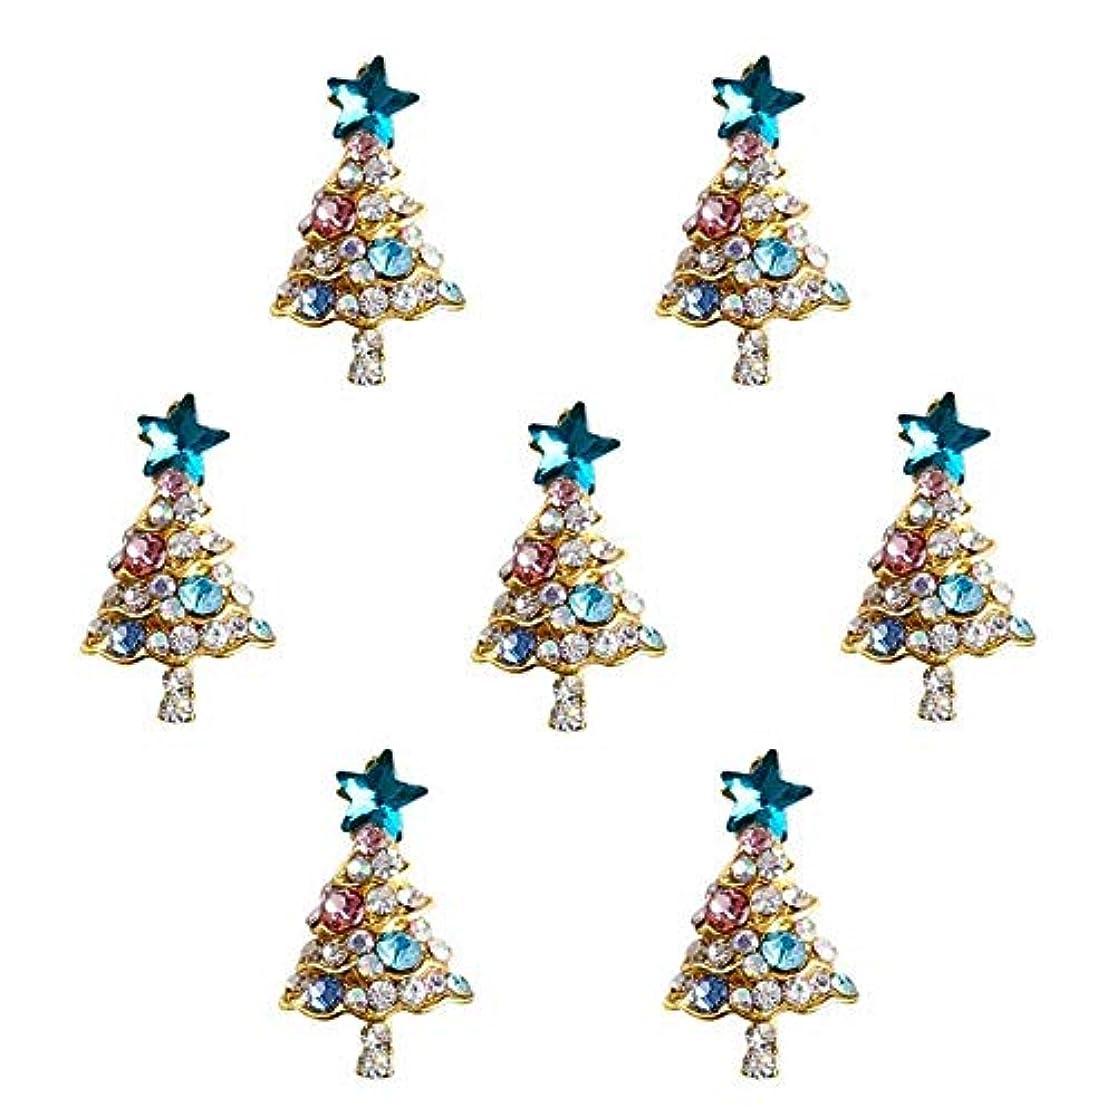 森林降雨取り出す10個入り/ロット3Dラインストーンの装飾ブルーグリッタースタークリスマスツリーのデザイン接着剤ネイルアートDIYスタッドは、合金用品